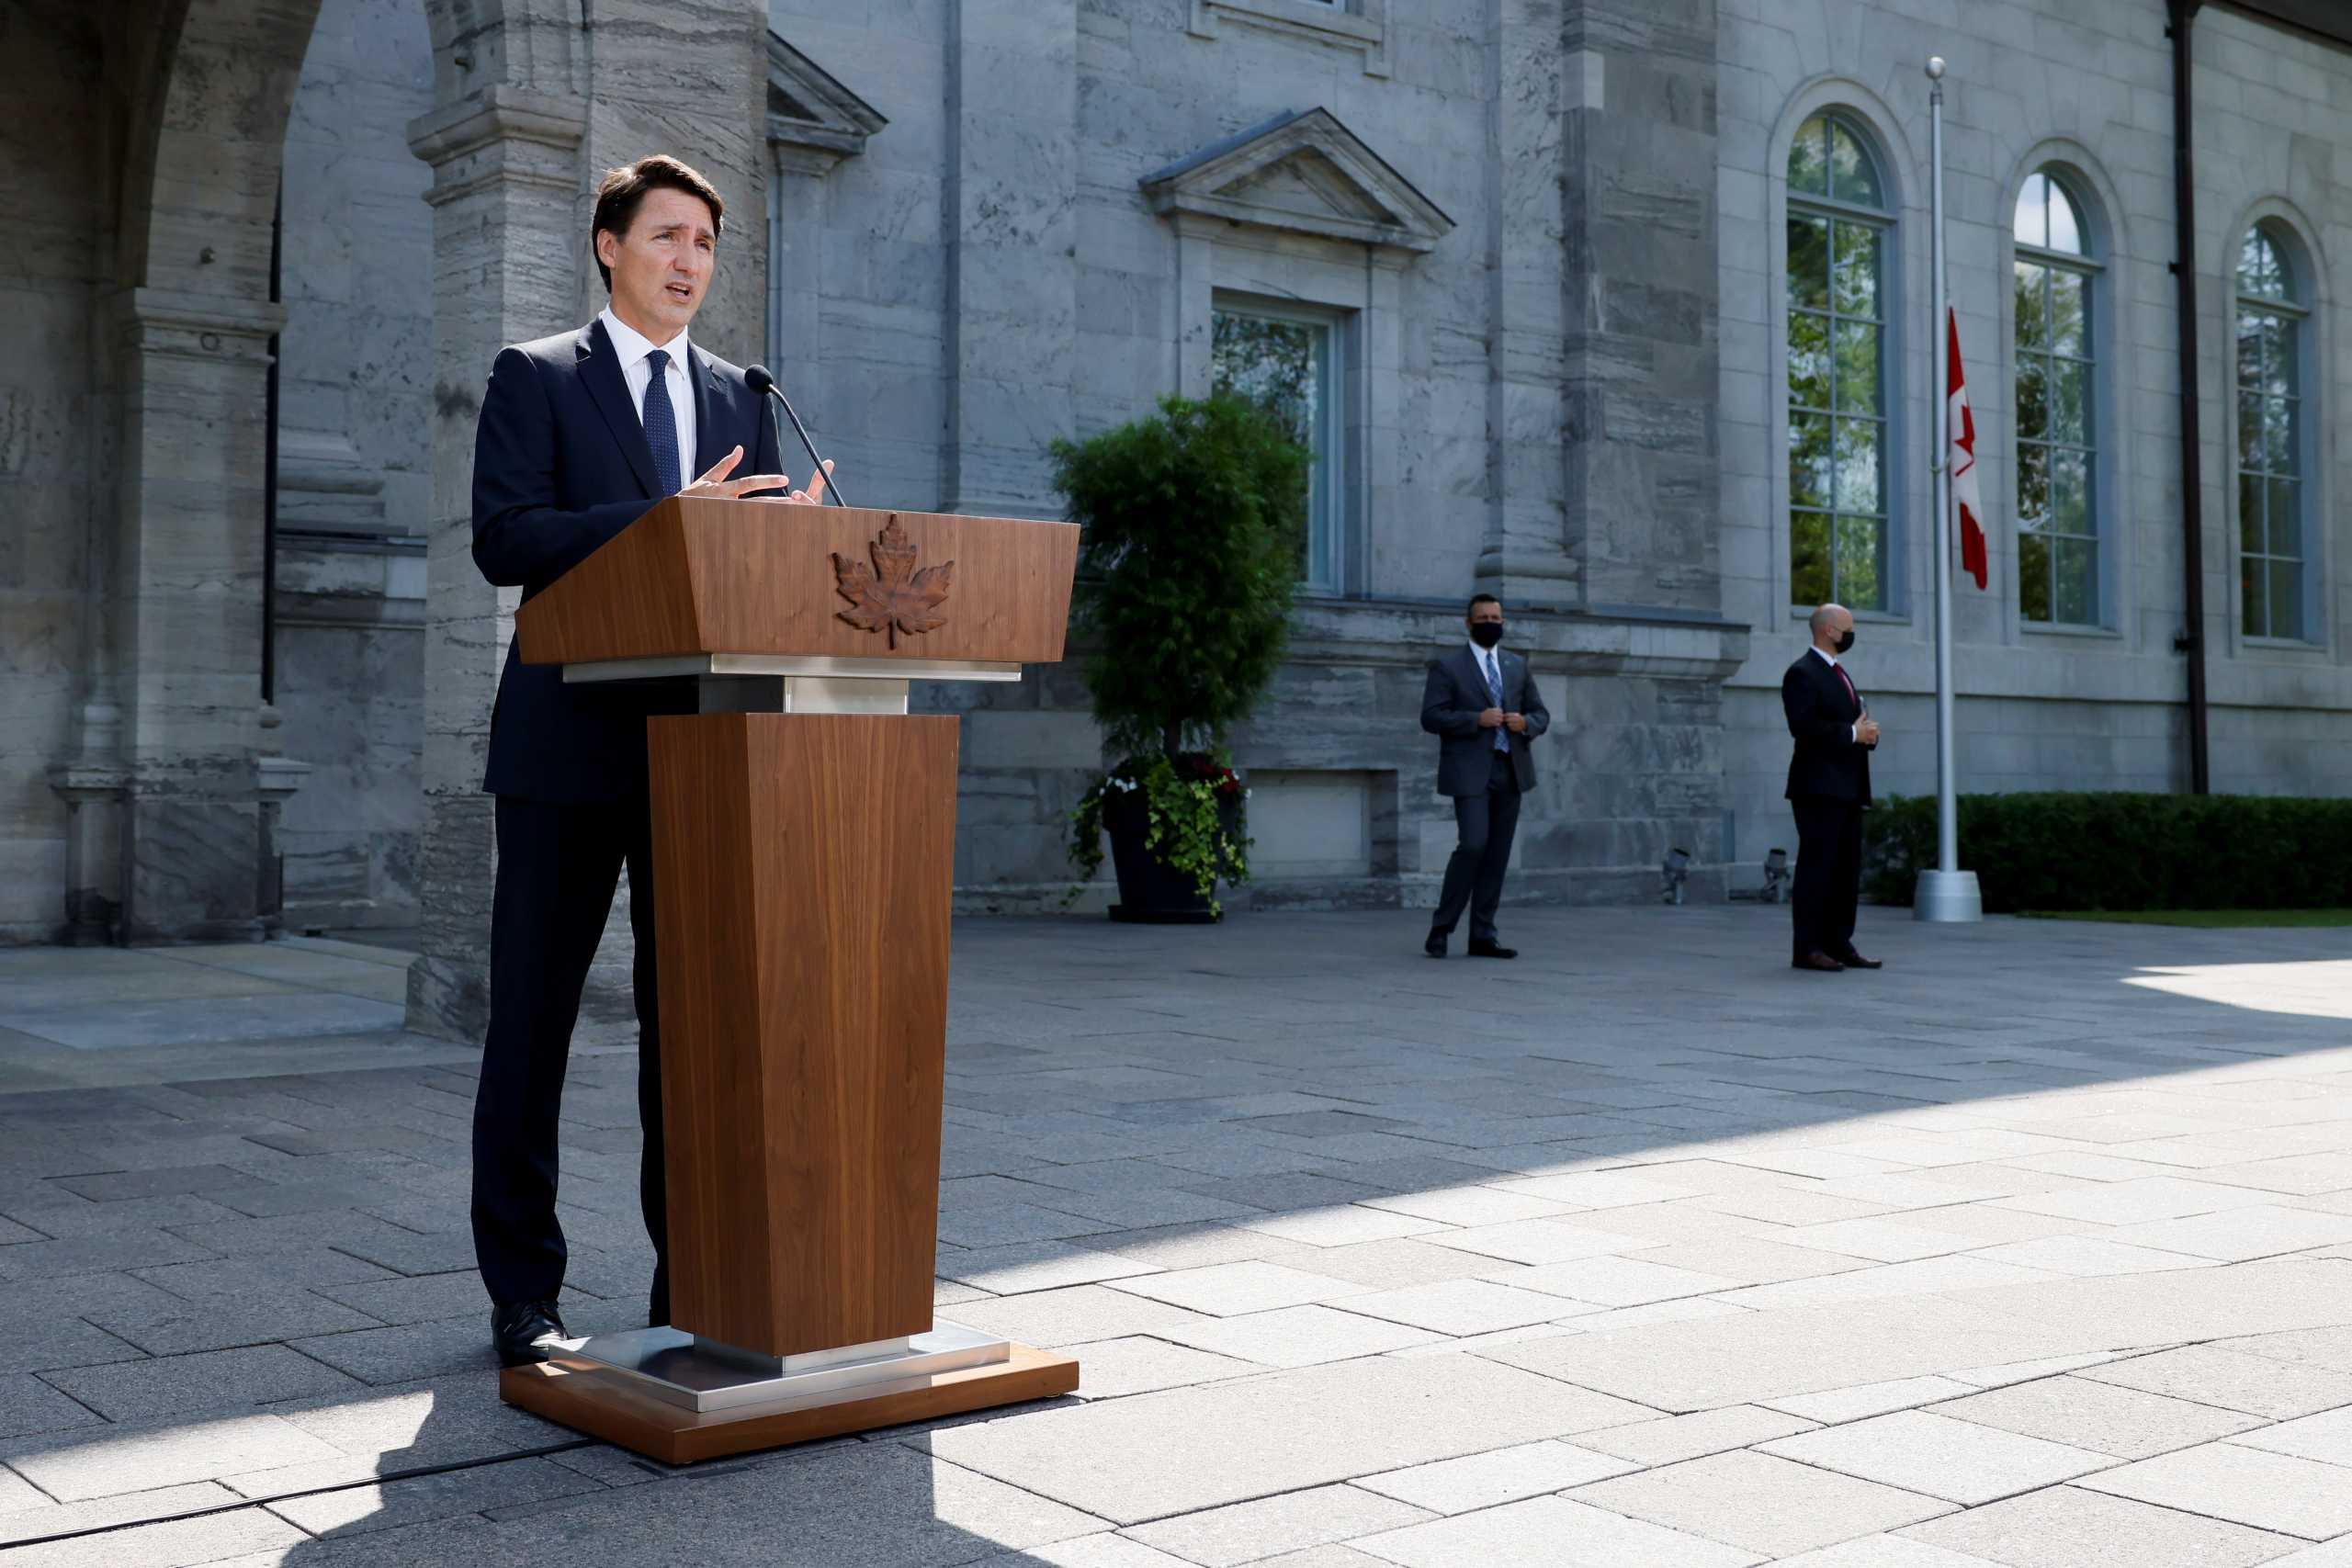 Πρόωρες ομοσπονδιακές εκλογές στον Καναδά